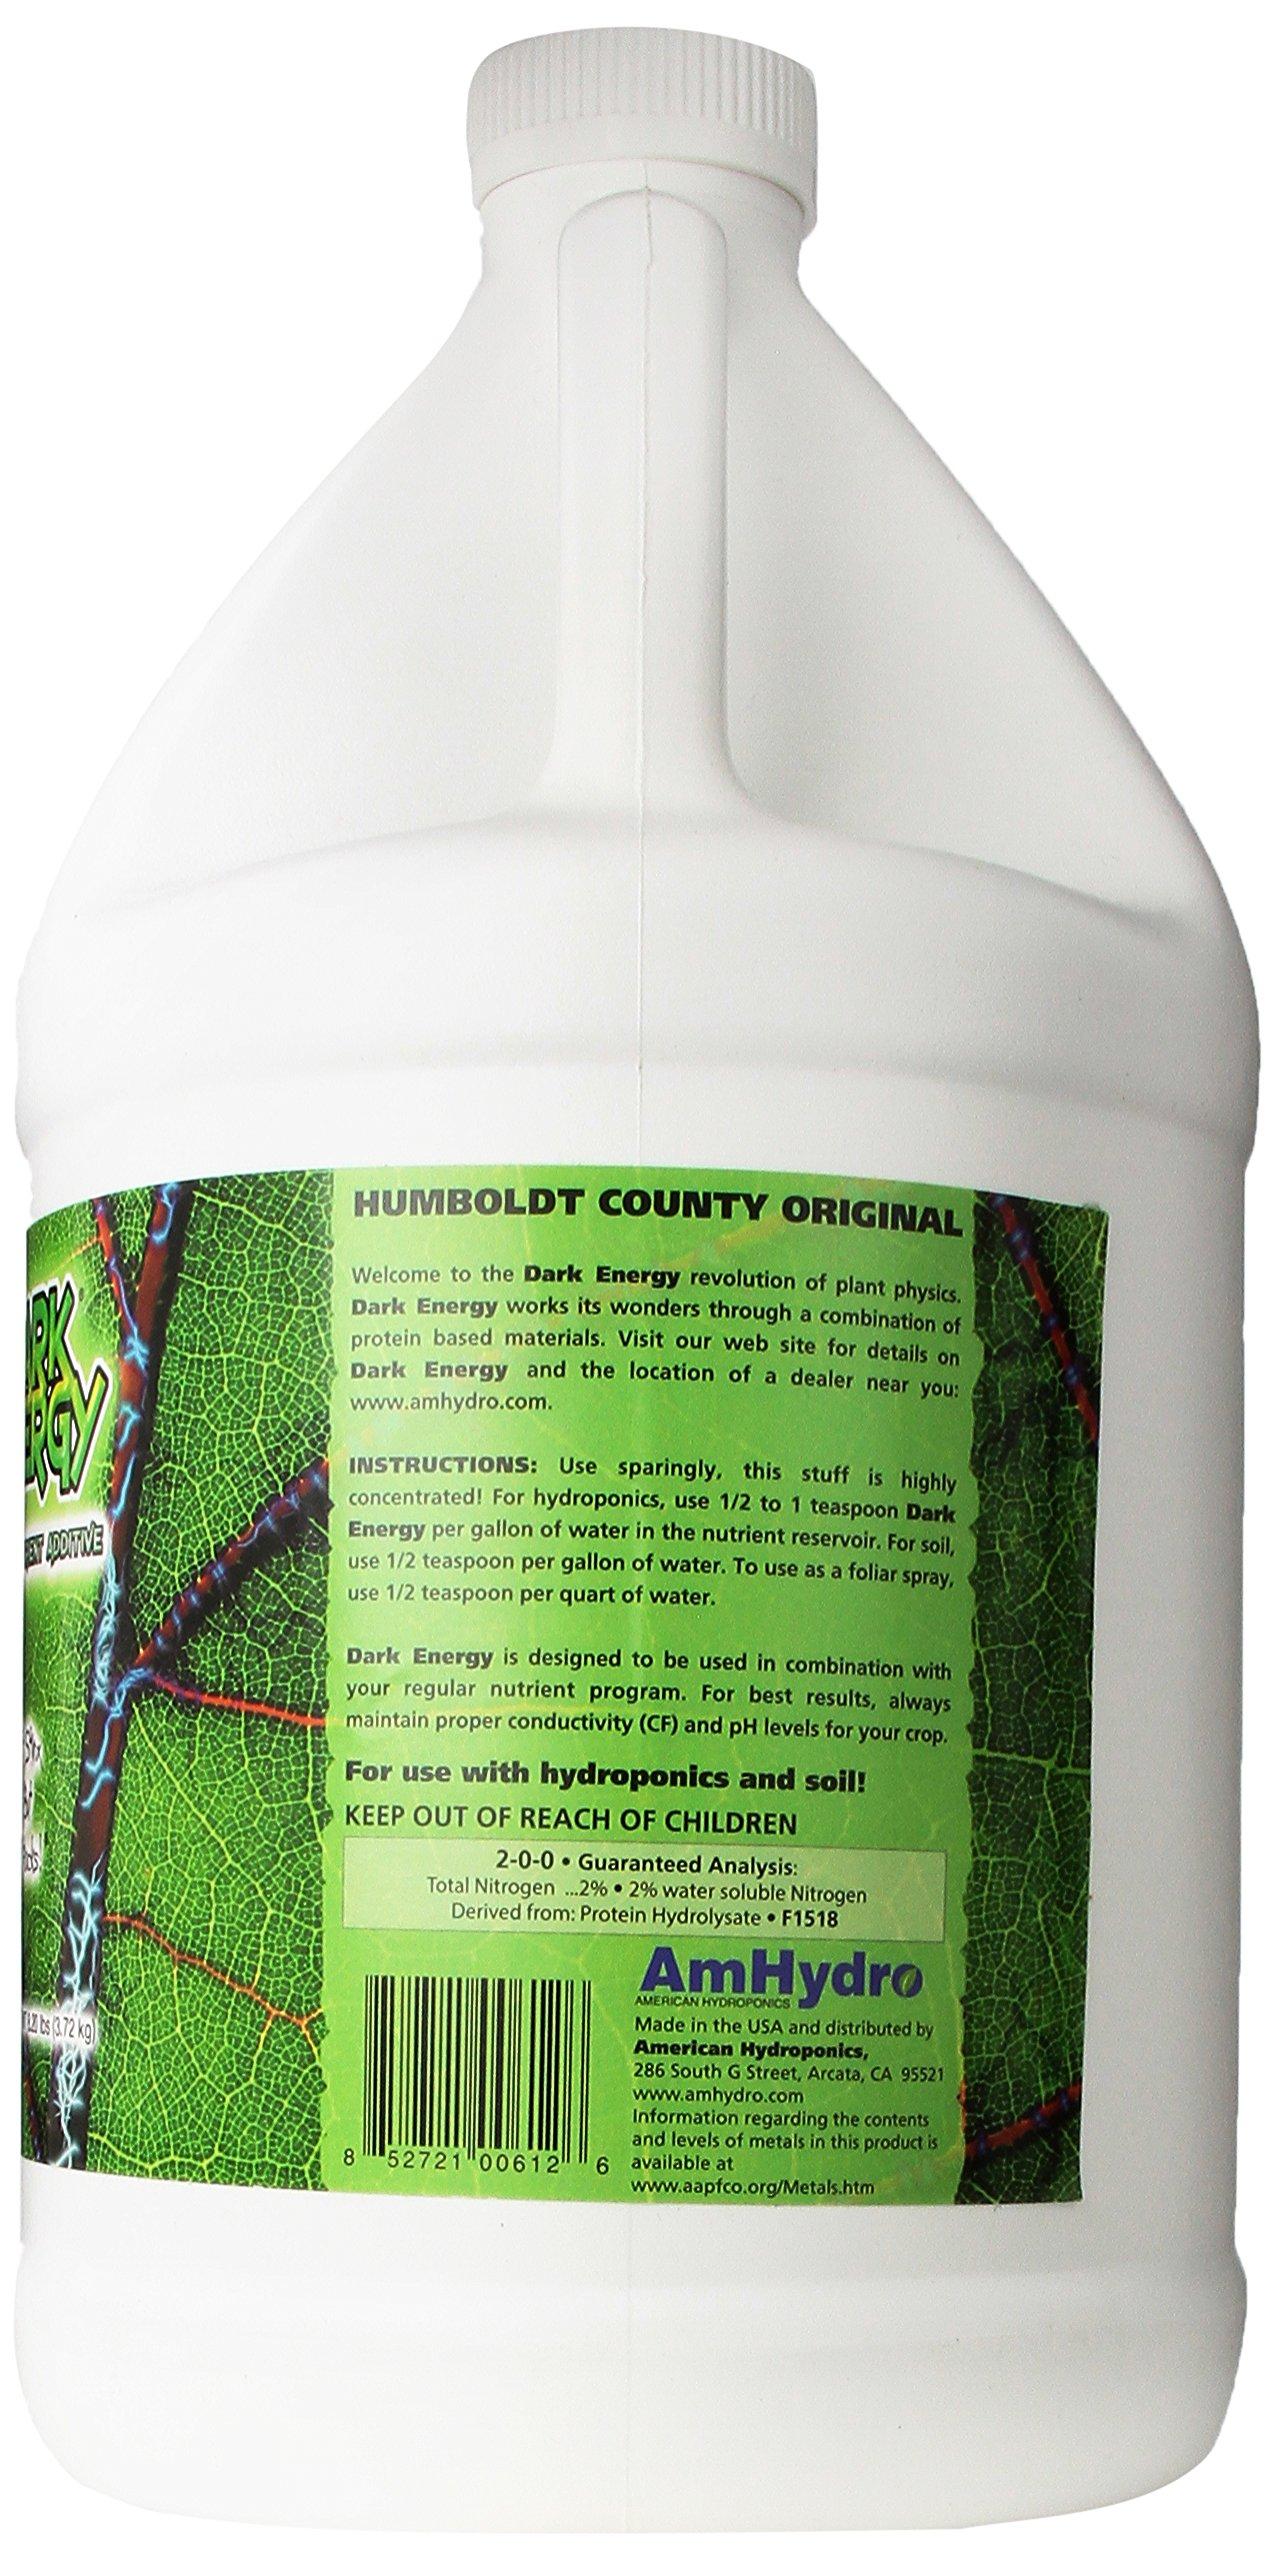 American Hydroponics Dark Energy Fertilizer, 1 gallon by American Hydroponics (Image #2)